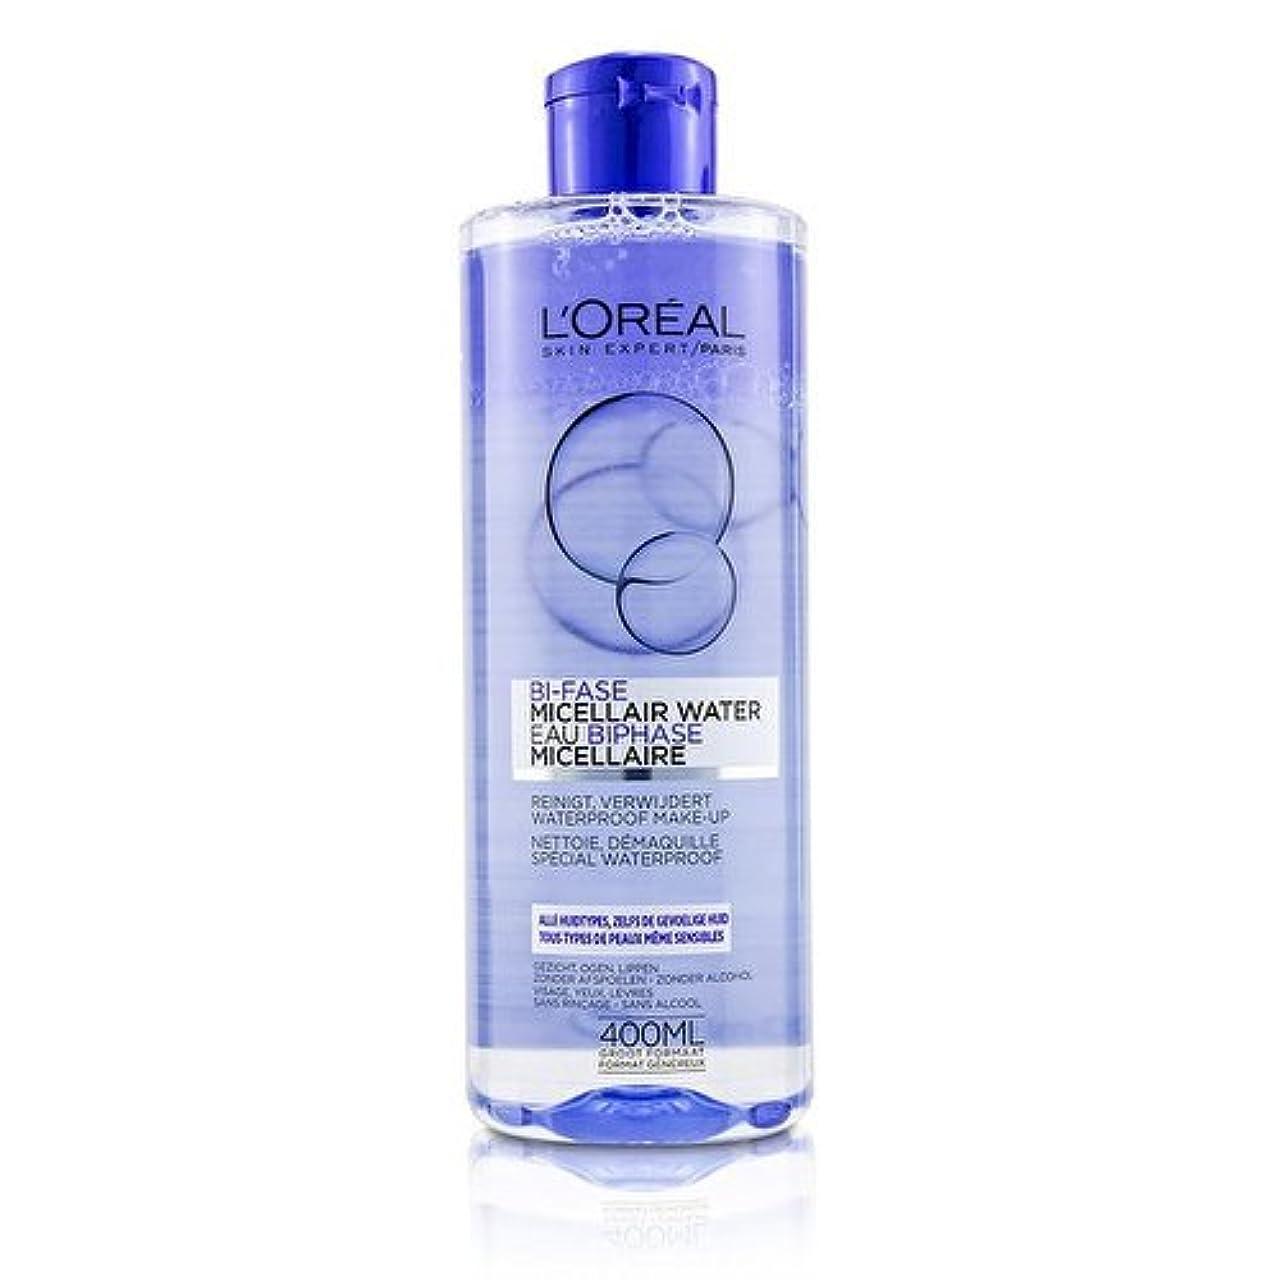 虎うがい前ロレアル Bi-Phase Micellar Water (Bi-Fase Micellair Water) - For All Skin Types, even Sensitive Skin 400ml/13.3oz並行輸入品